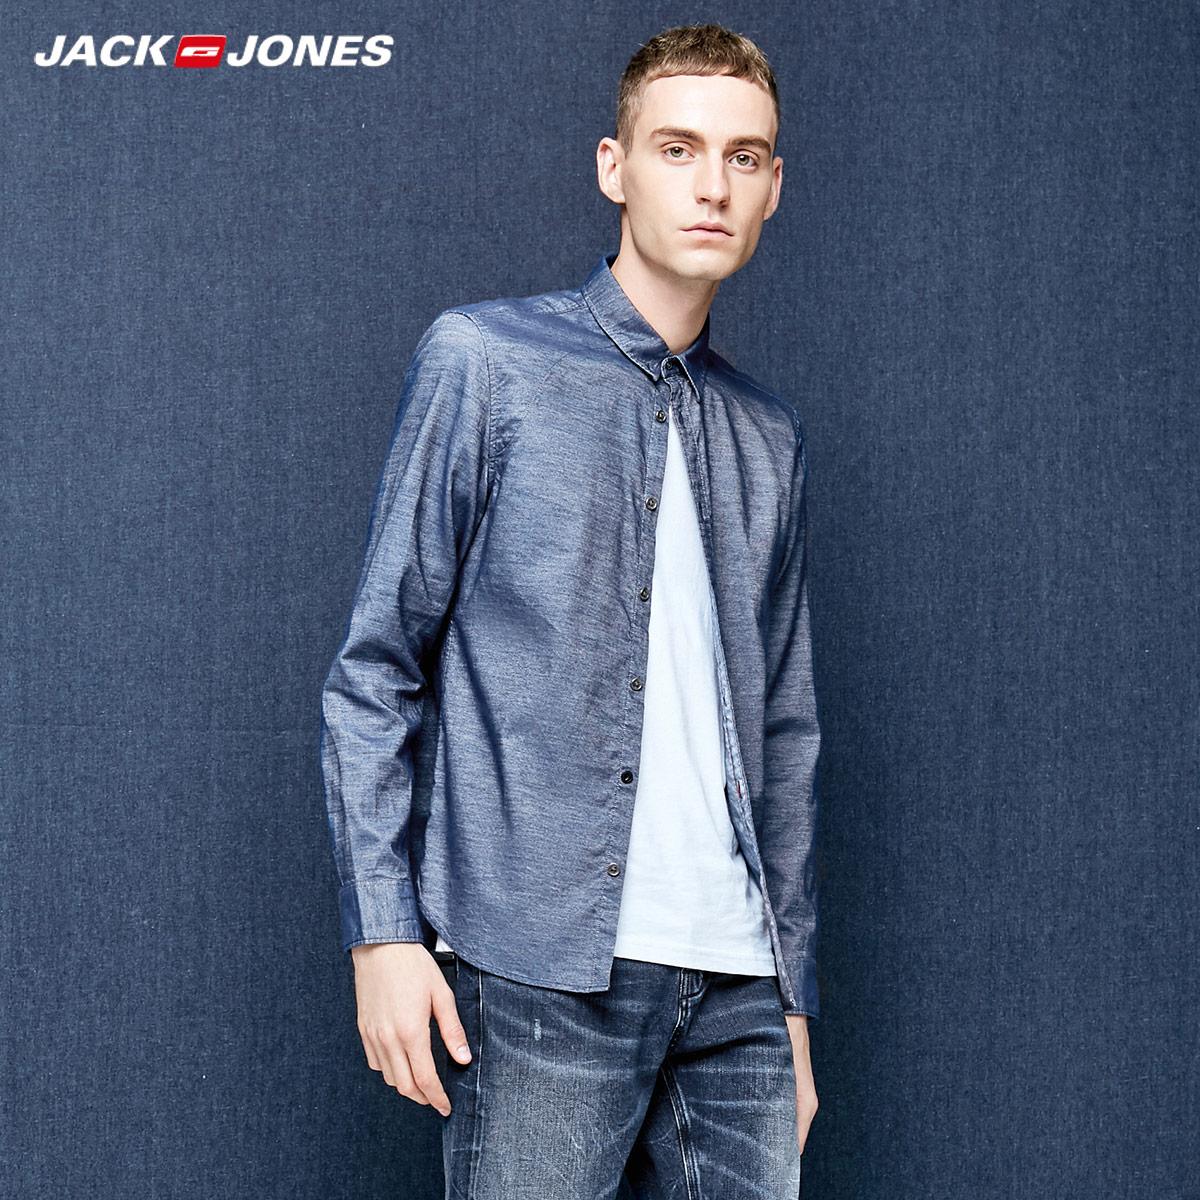 JACK JONES 杰克琼斯 217305511 男士衬衫